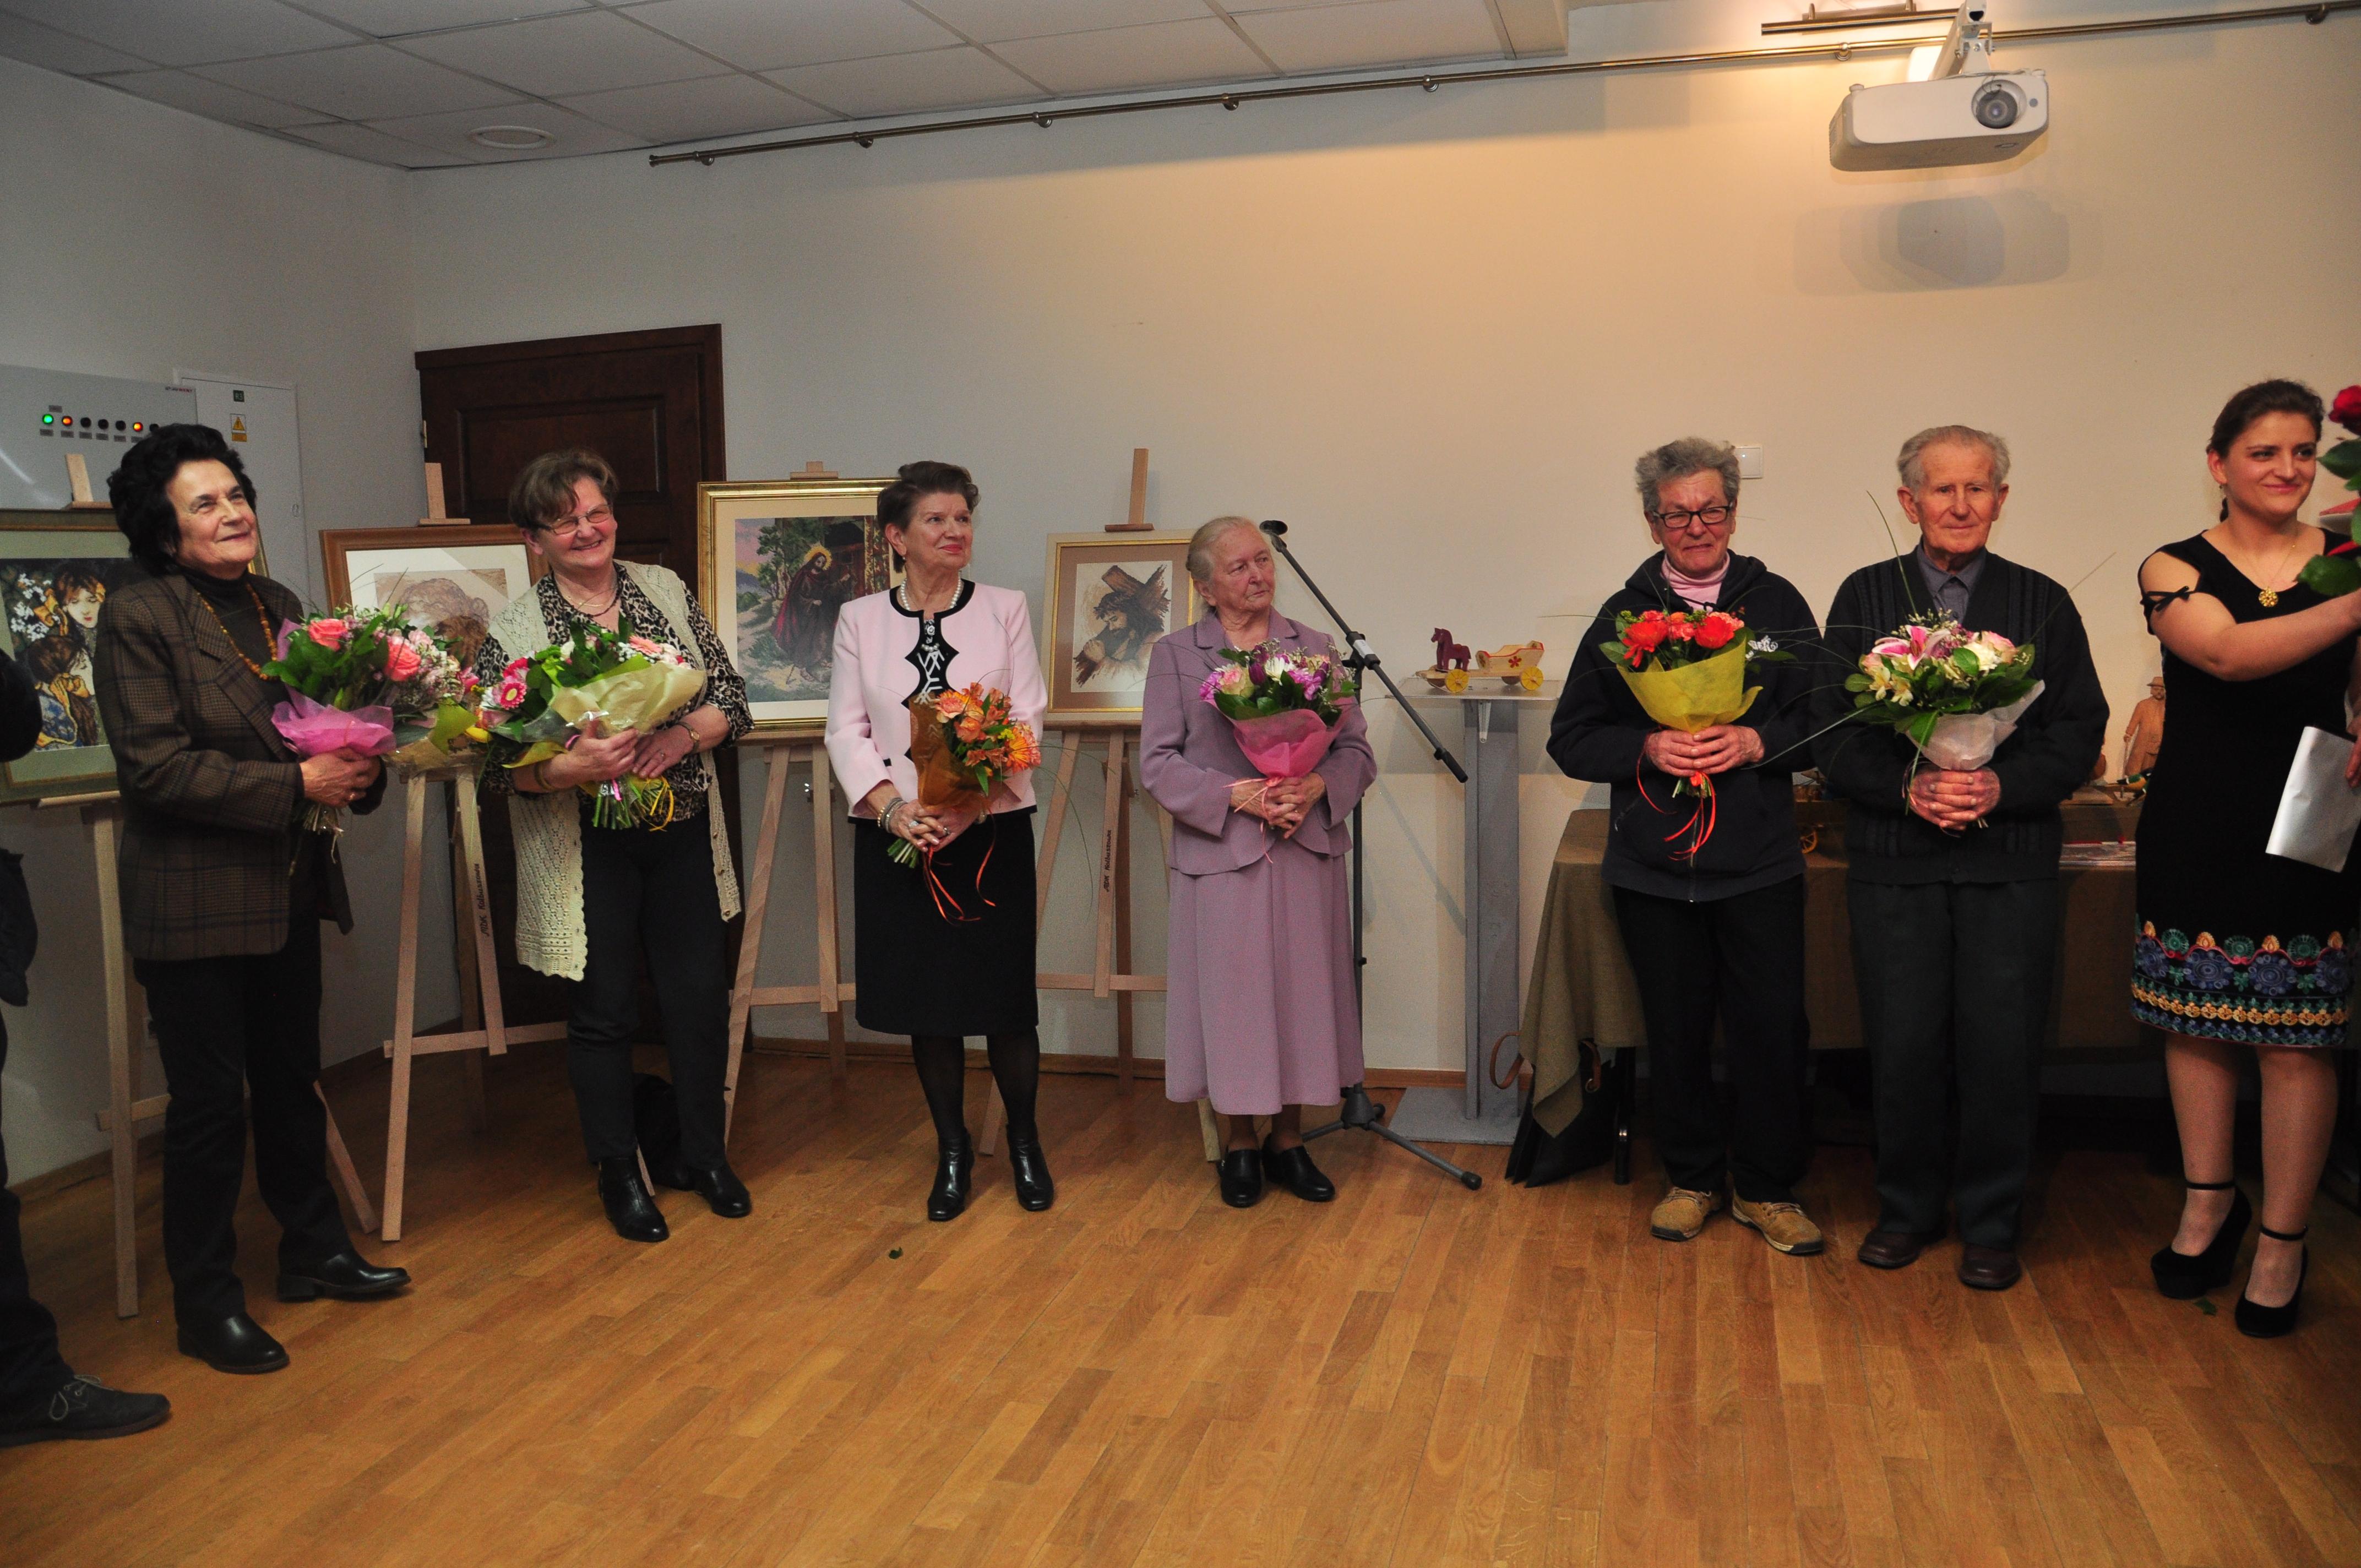 Seniorzy z gminy Kolbuszowa podzielili się swoimi pasjami [GALERIA ZDJĘĆ] - Zdjęcie główne